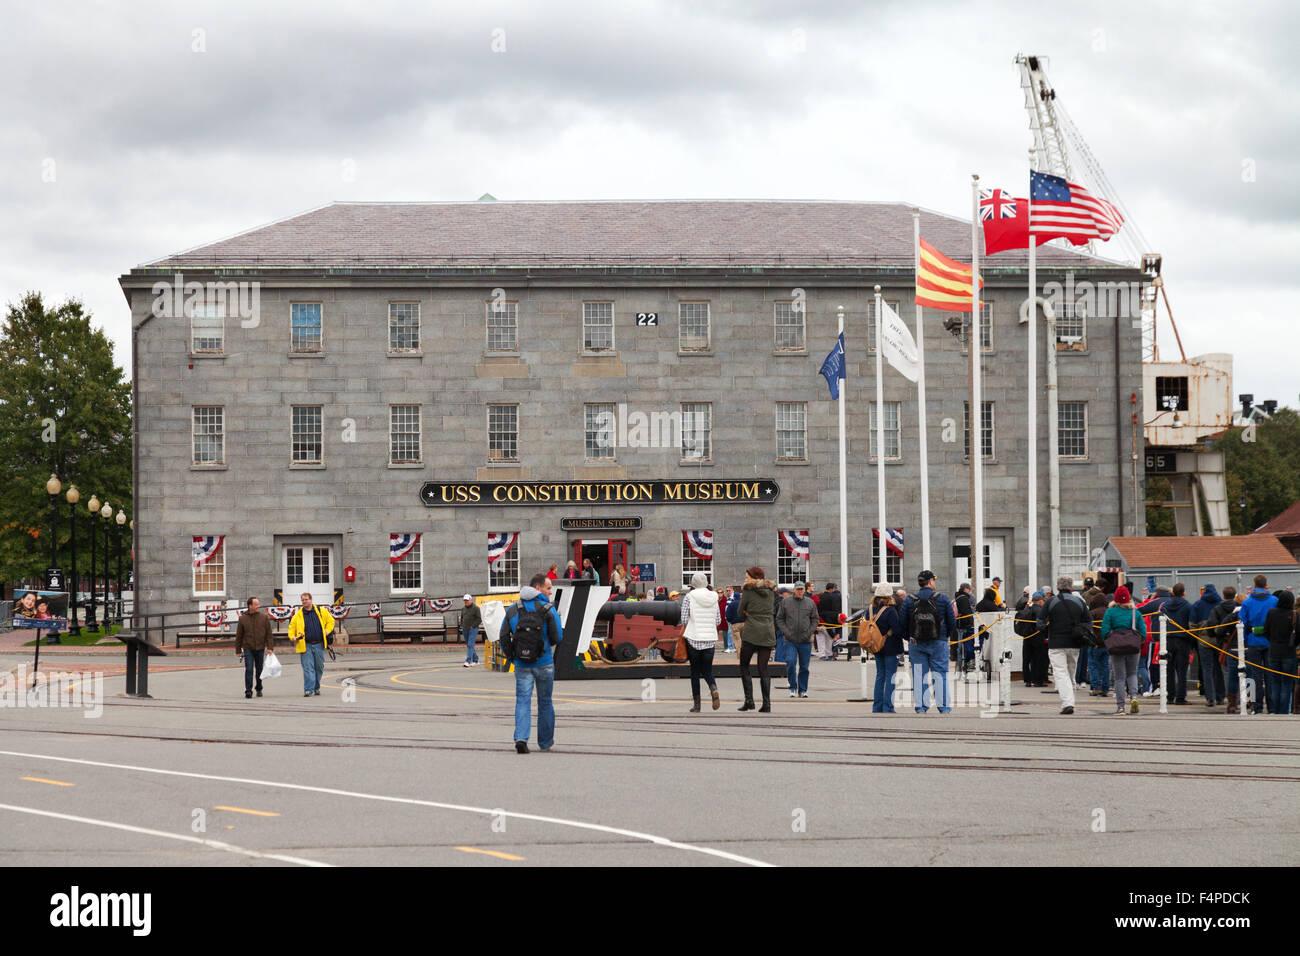 El USS Constitution edificio del museo, en el Freedom Trail de Boston, Massachusetts, EE.UU. Imagen De Stock